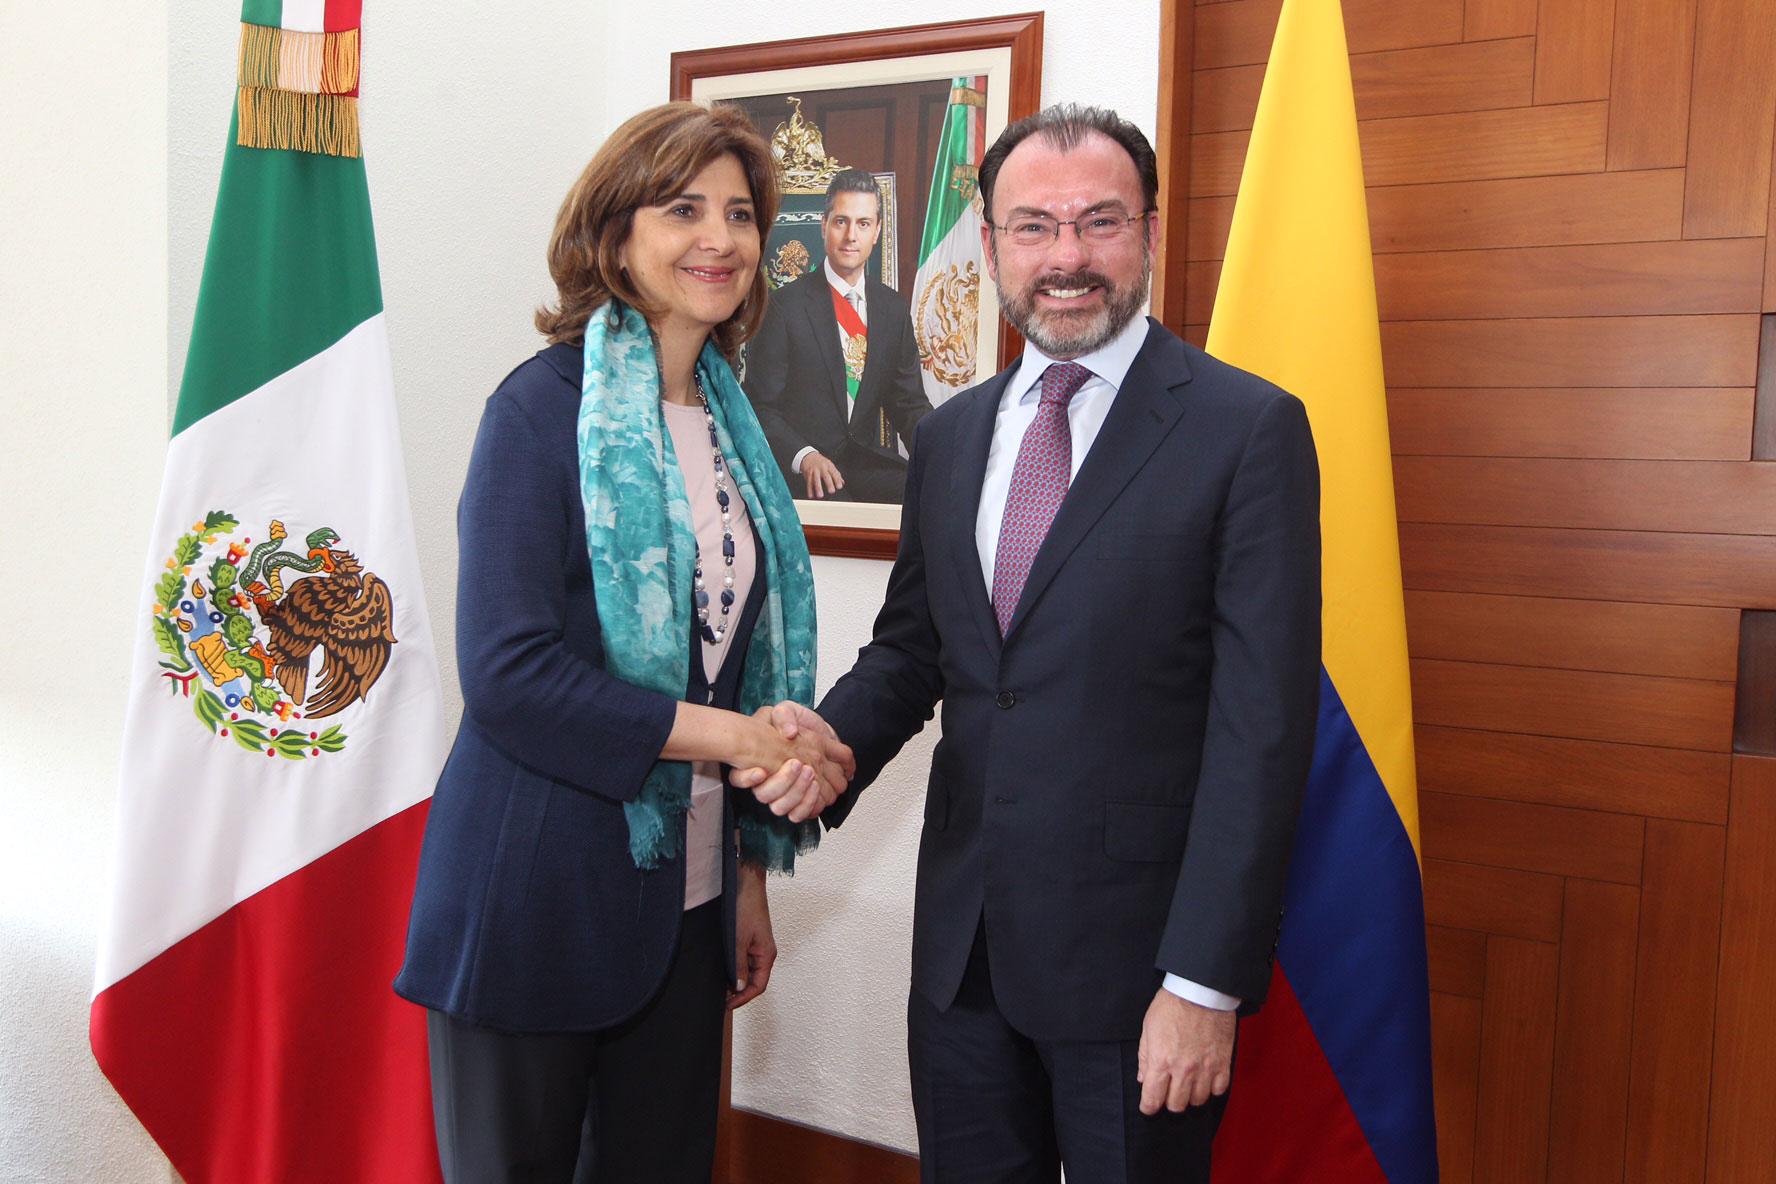 La canciller de Colombia, María Ángela Holguín, y el canciller de México, Luis Videgaray Caso